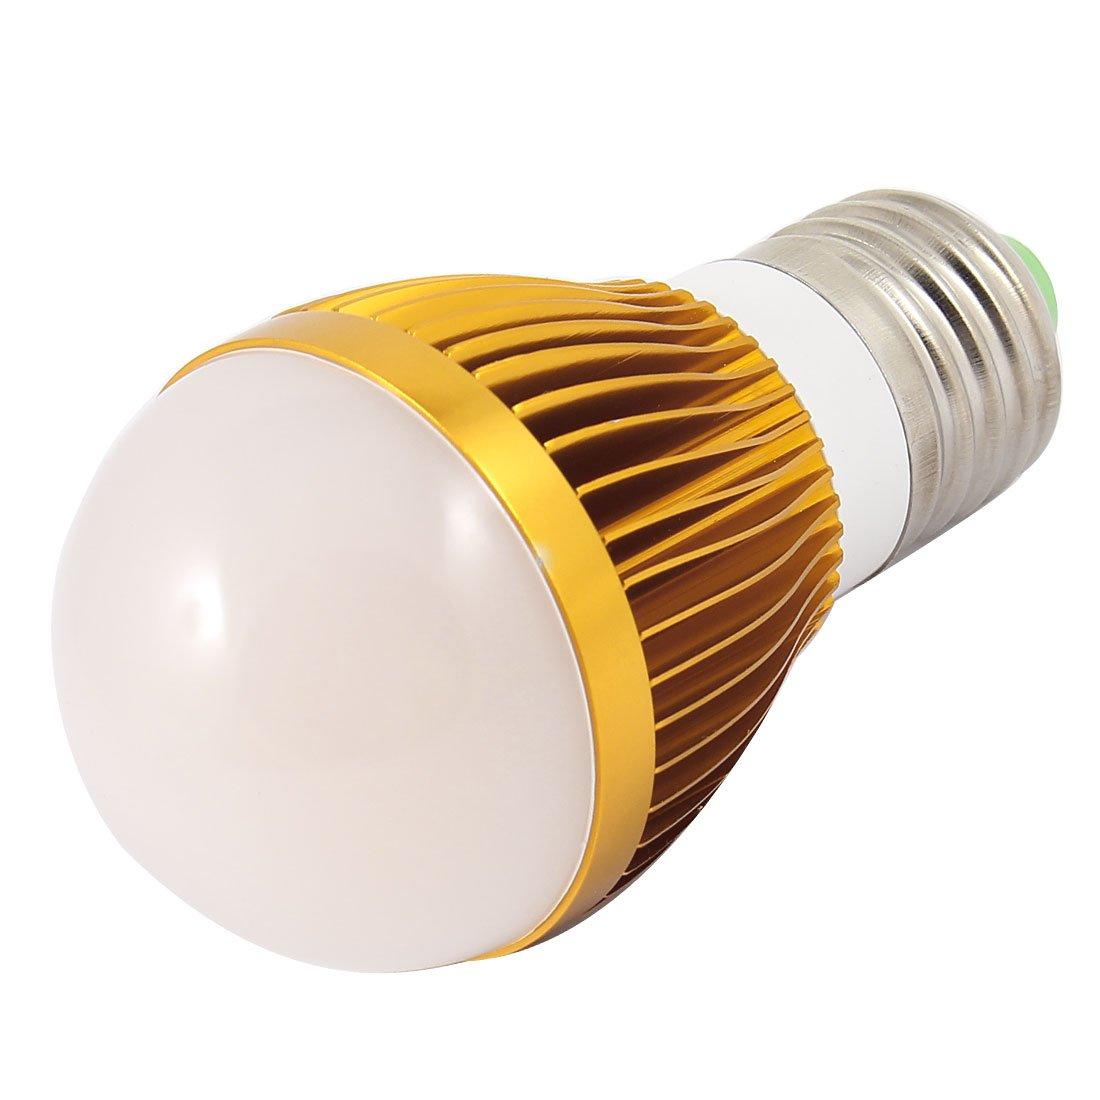 en alliage d'aluminium 3W Power Base E2746mm Dia Boule LED Ampoule Lampe Coque